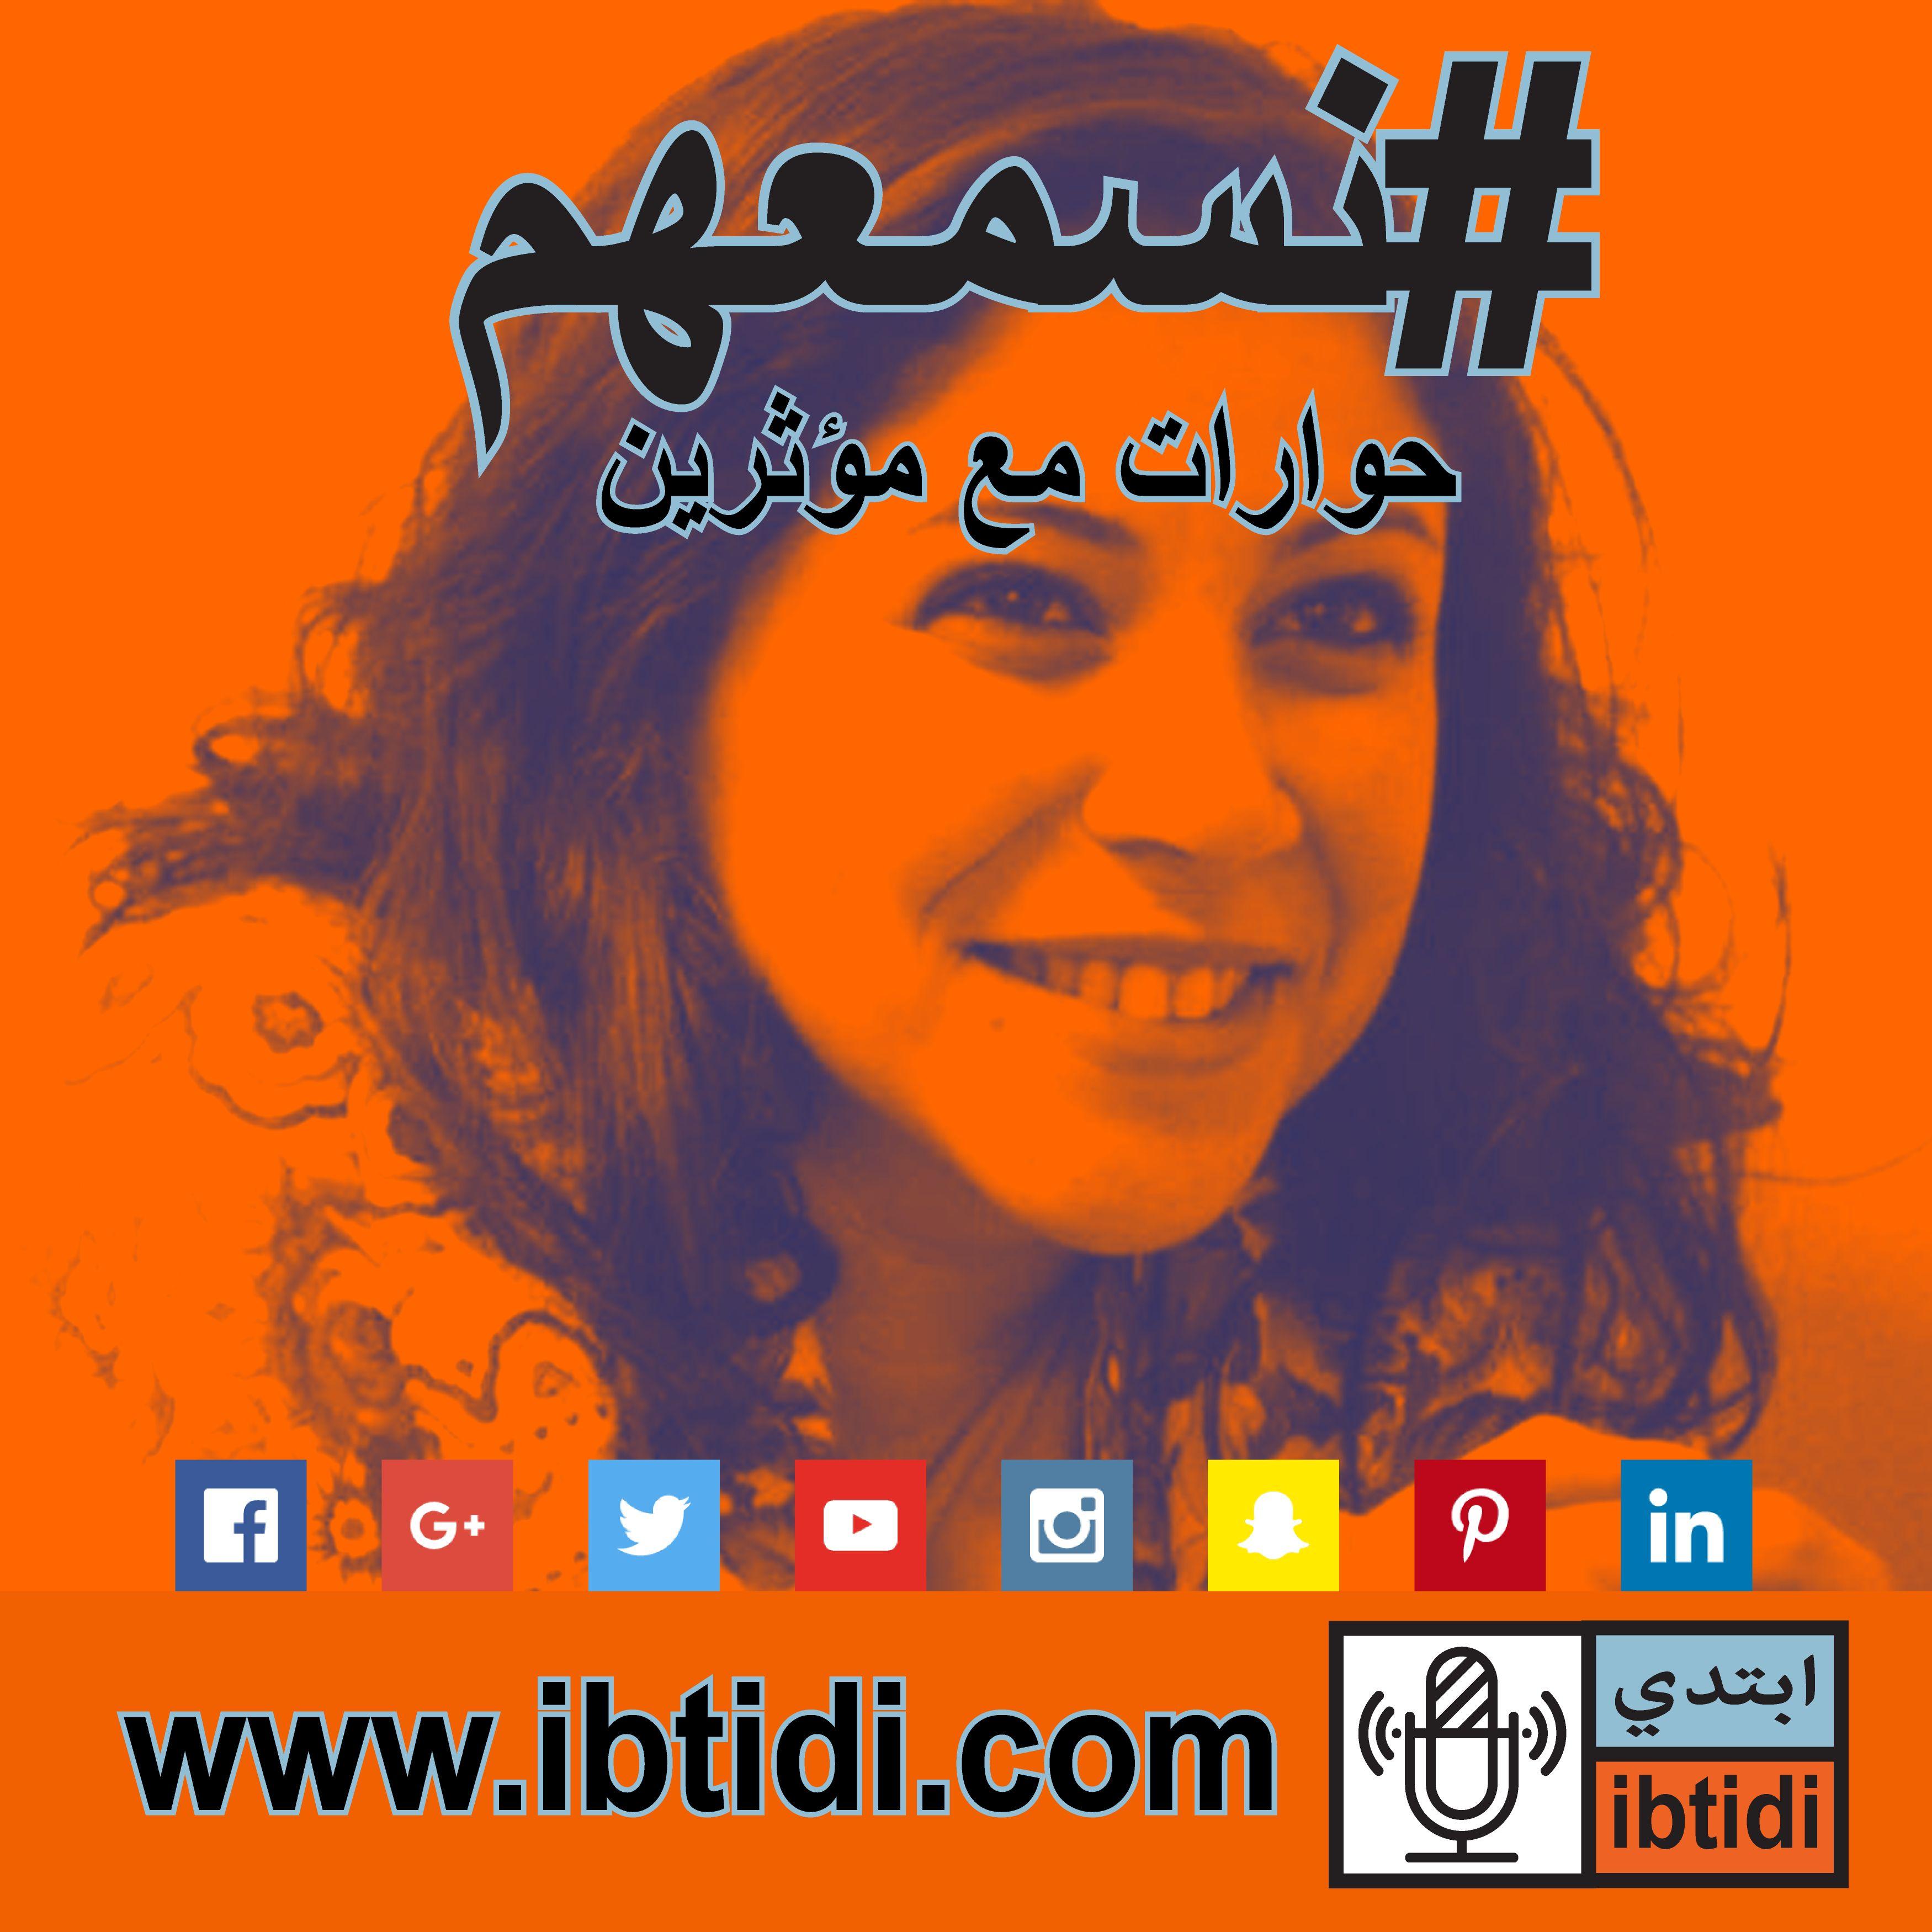 برنامج #نسمعهم - حلقة ٠٠٩- فاطمة عابد - عن الطلاق ومستقبل مخيف